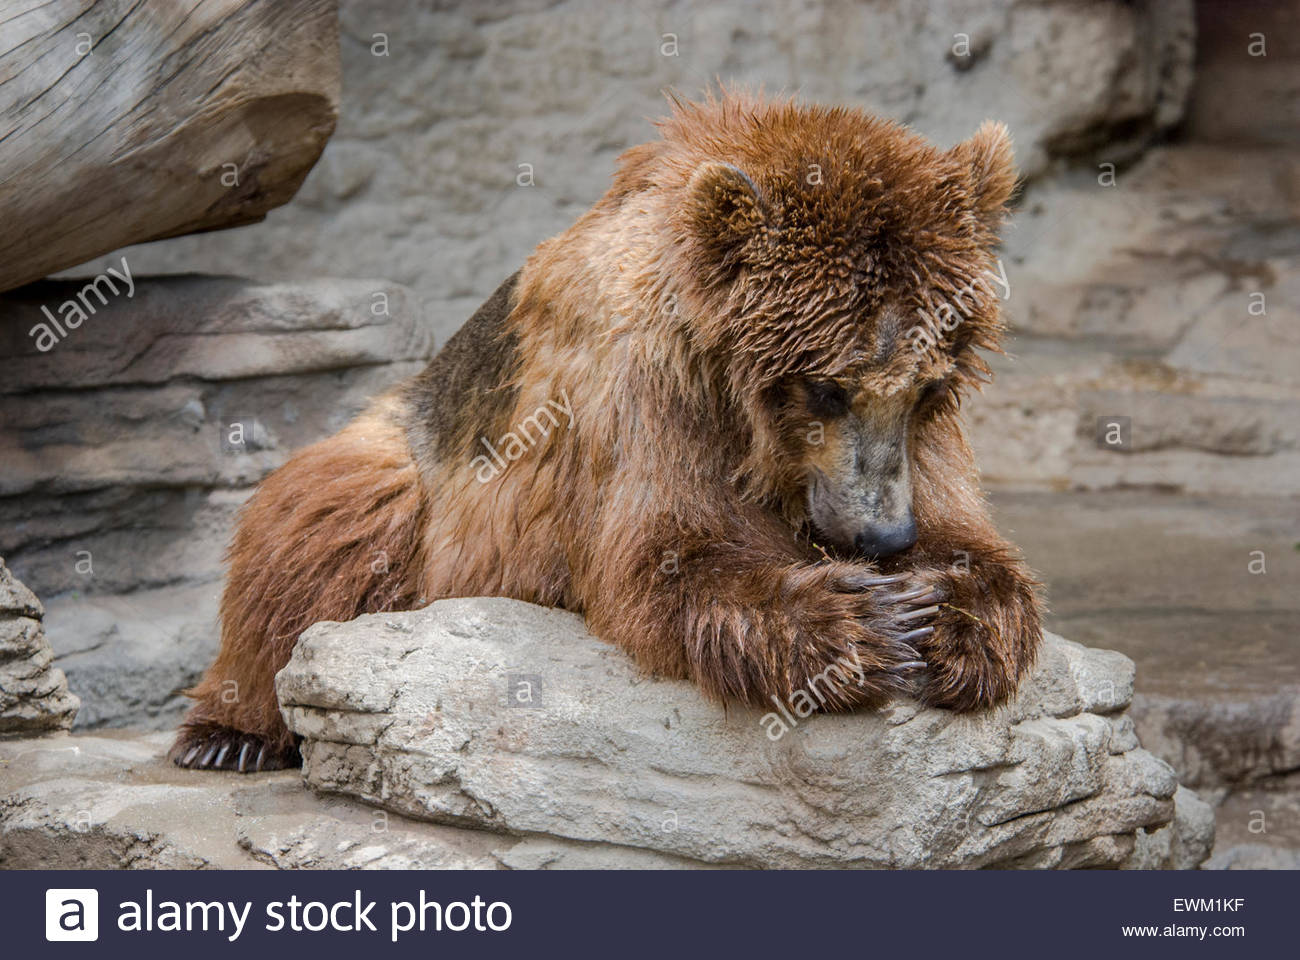 Grizzly Bear, Ursus arctos, llamado 'Tundra' que aparece a decir sus oraciones en el Zoológico de Denver, Imagen De Stock